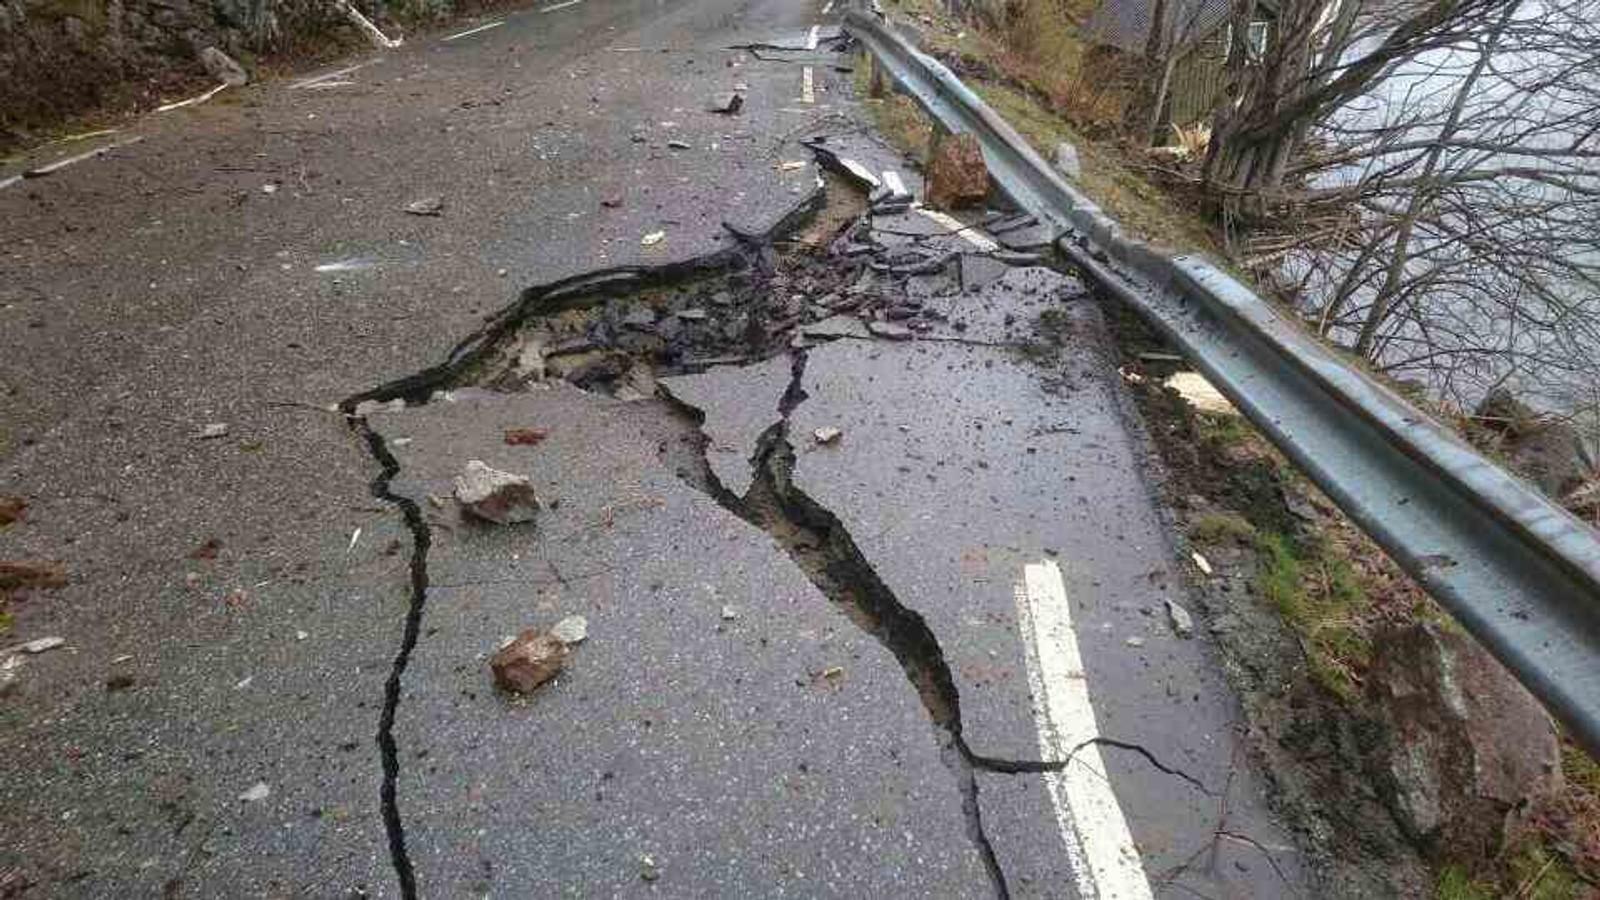 Statens vegvesen må få inn ein geolog i området, for å vurdere om det er trygt å rydde og reparere vegen.